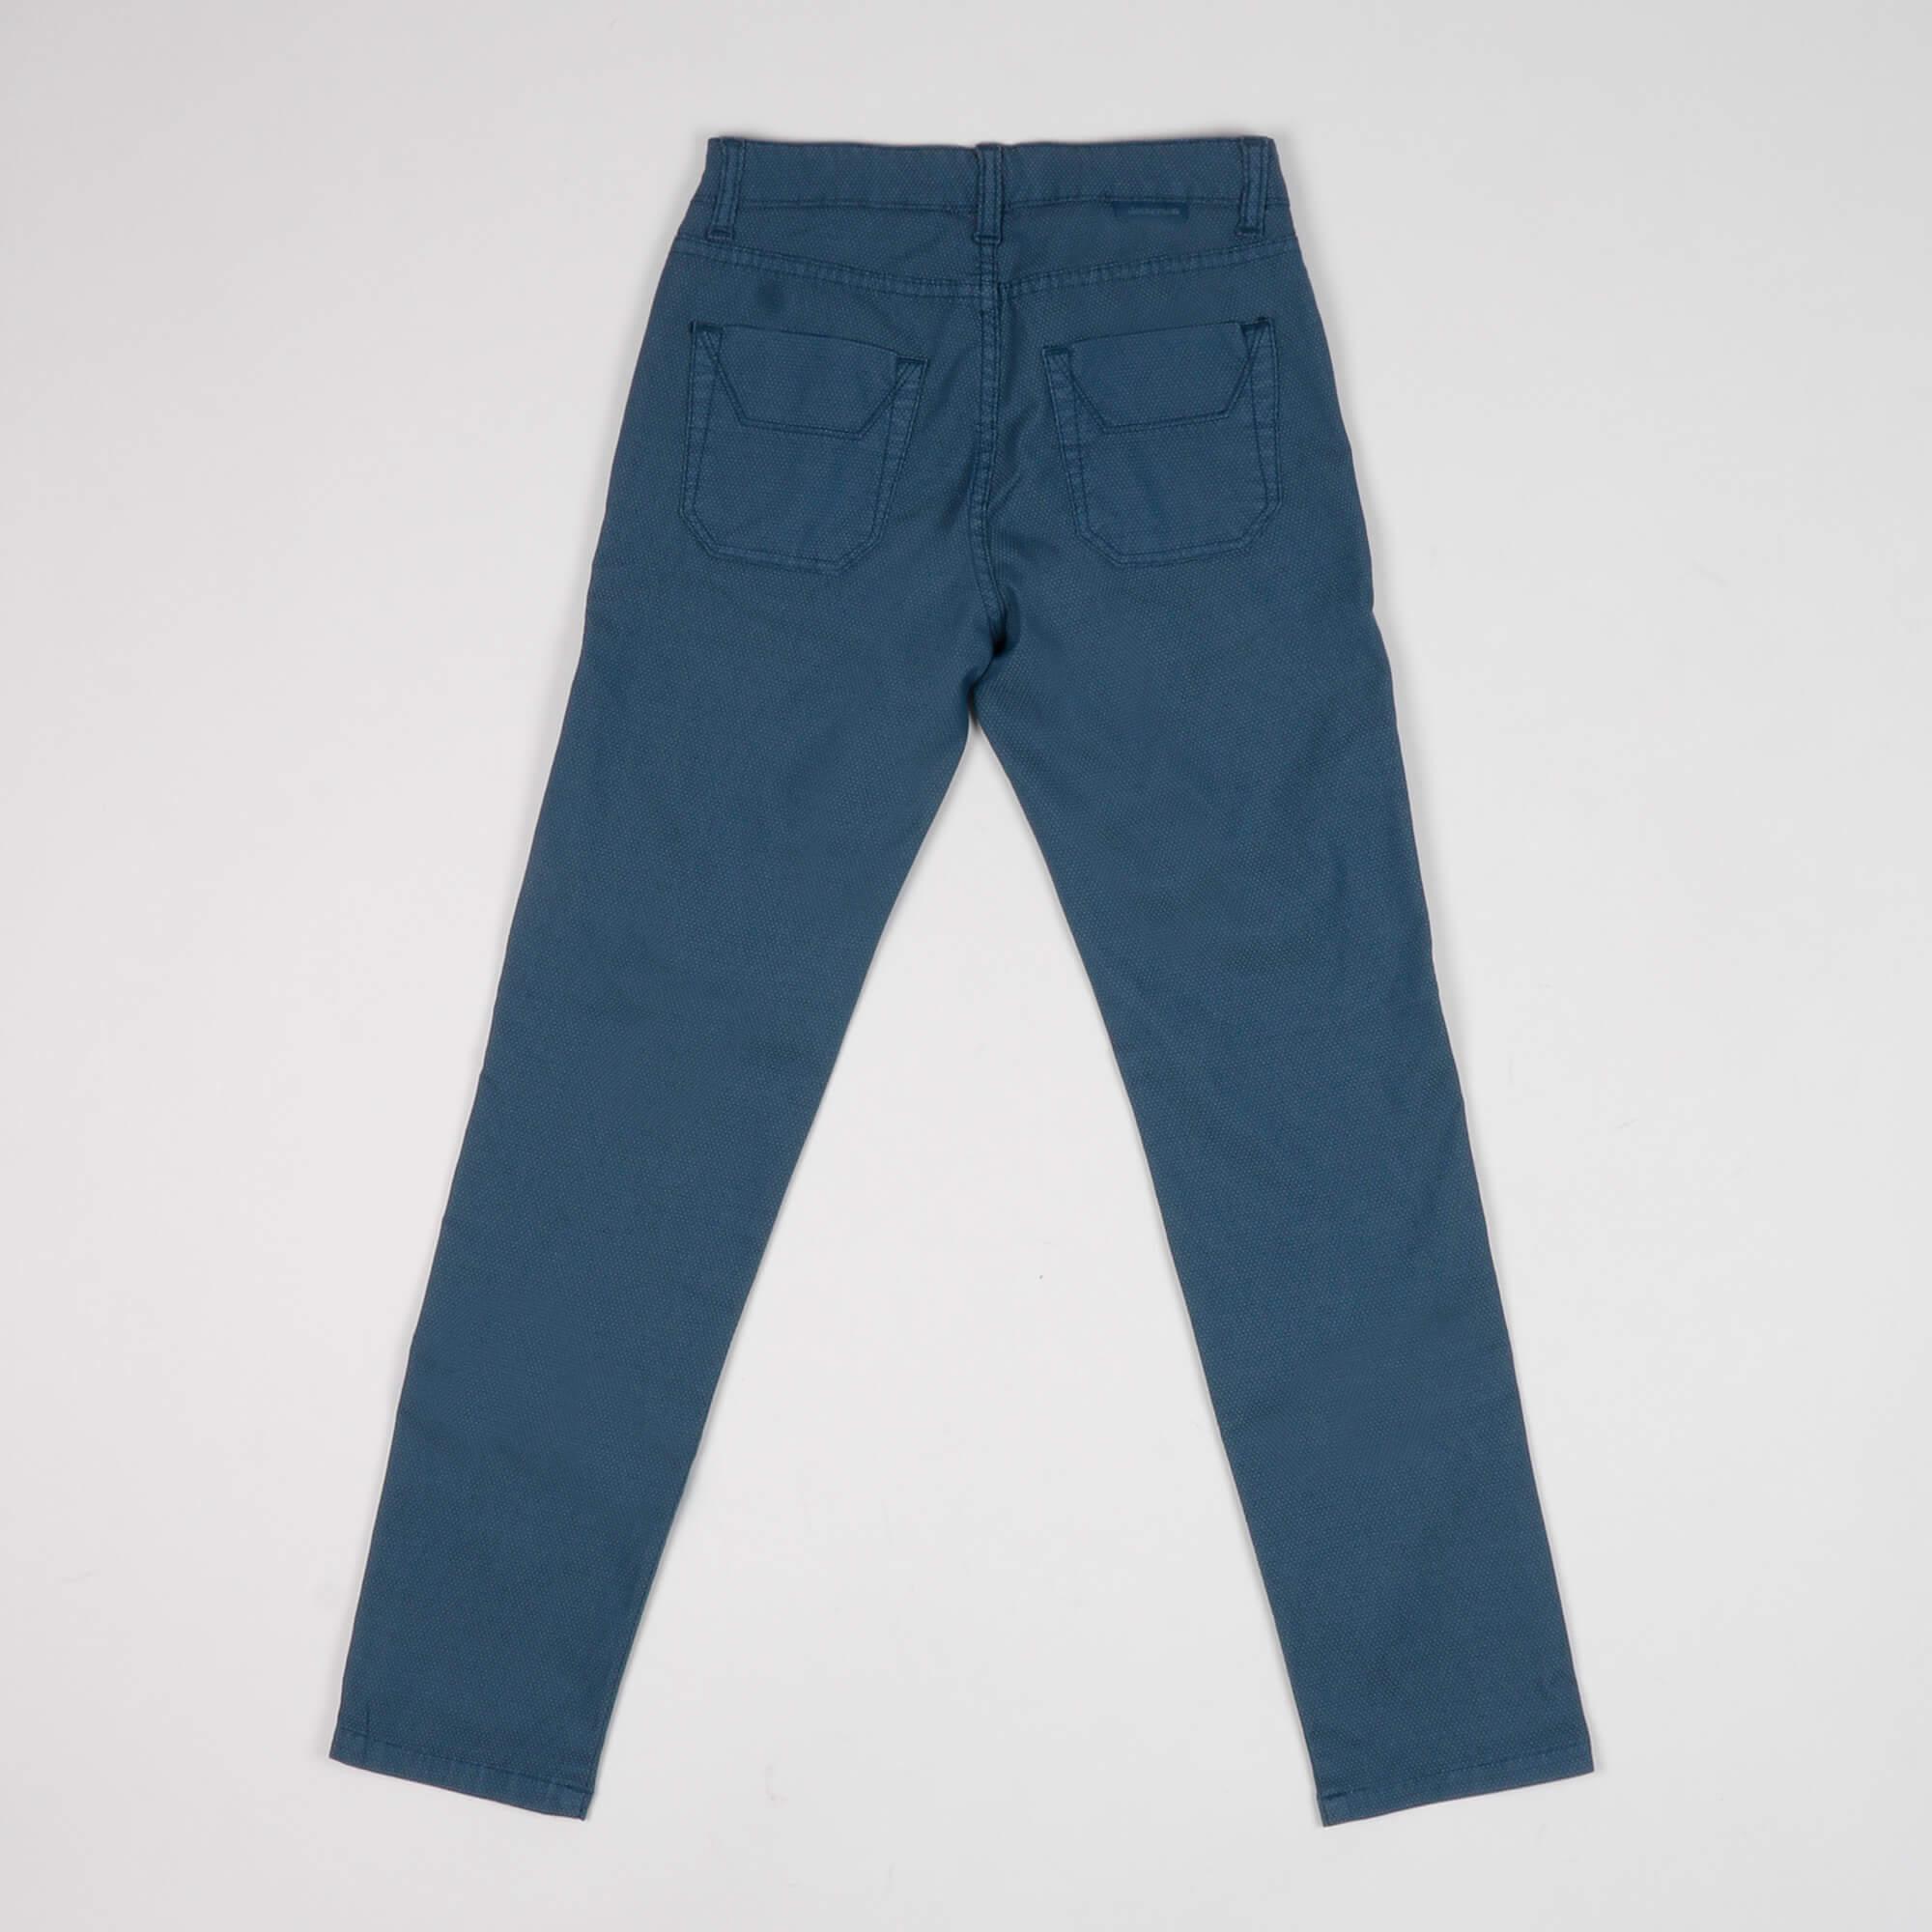 Pantalone junior microfantasia - Blu Royal